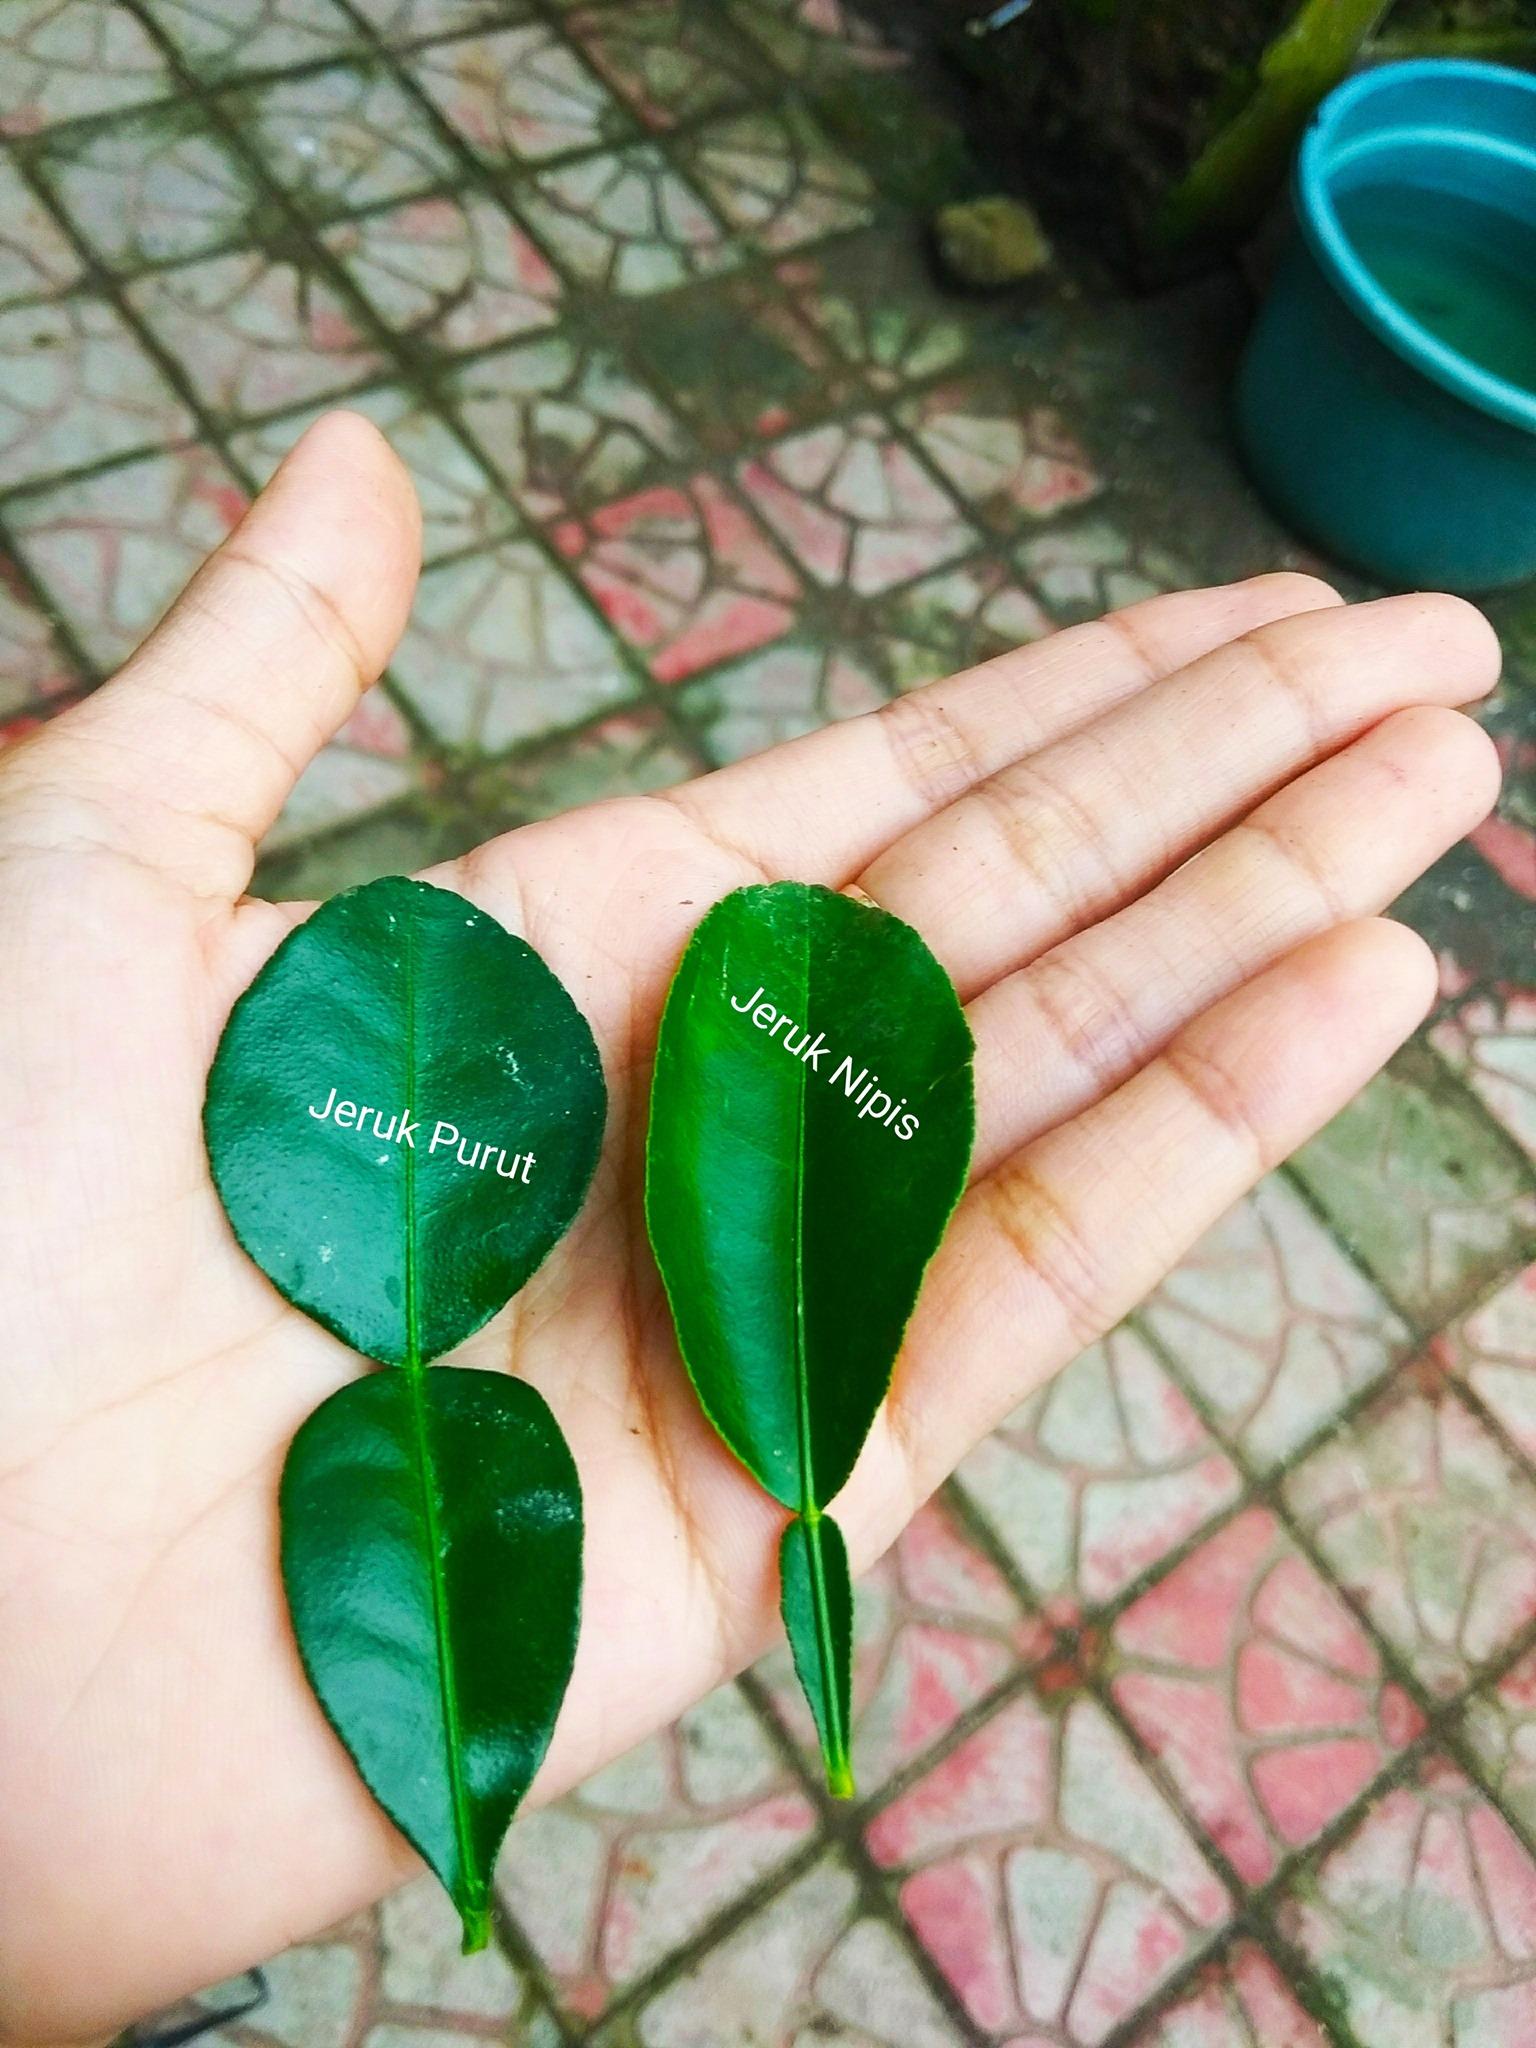 Meskipun 2 daun jeruk ini terlihat sama tapi sebenarnya beda.